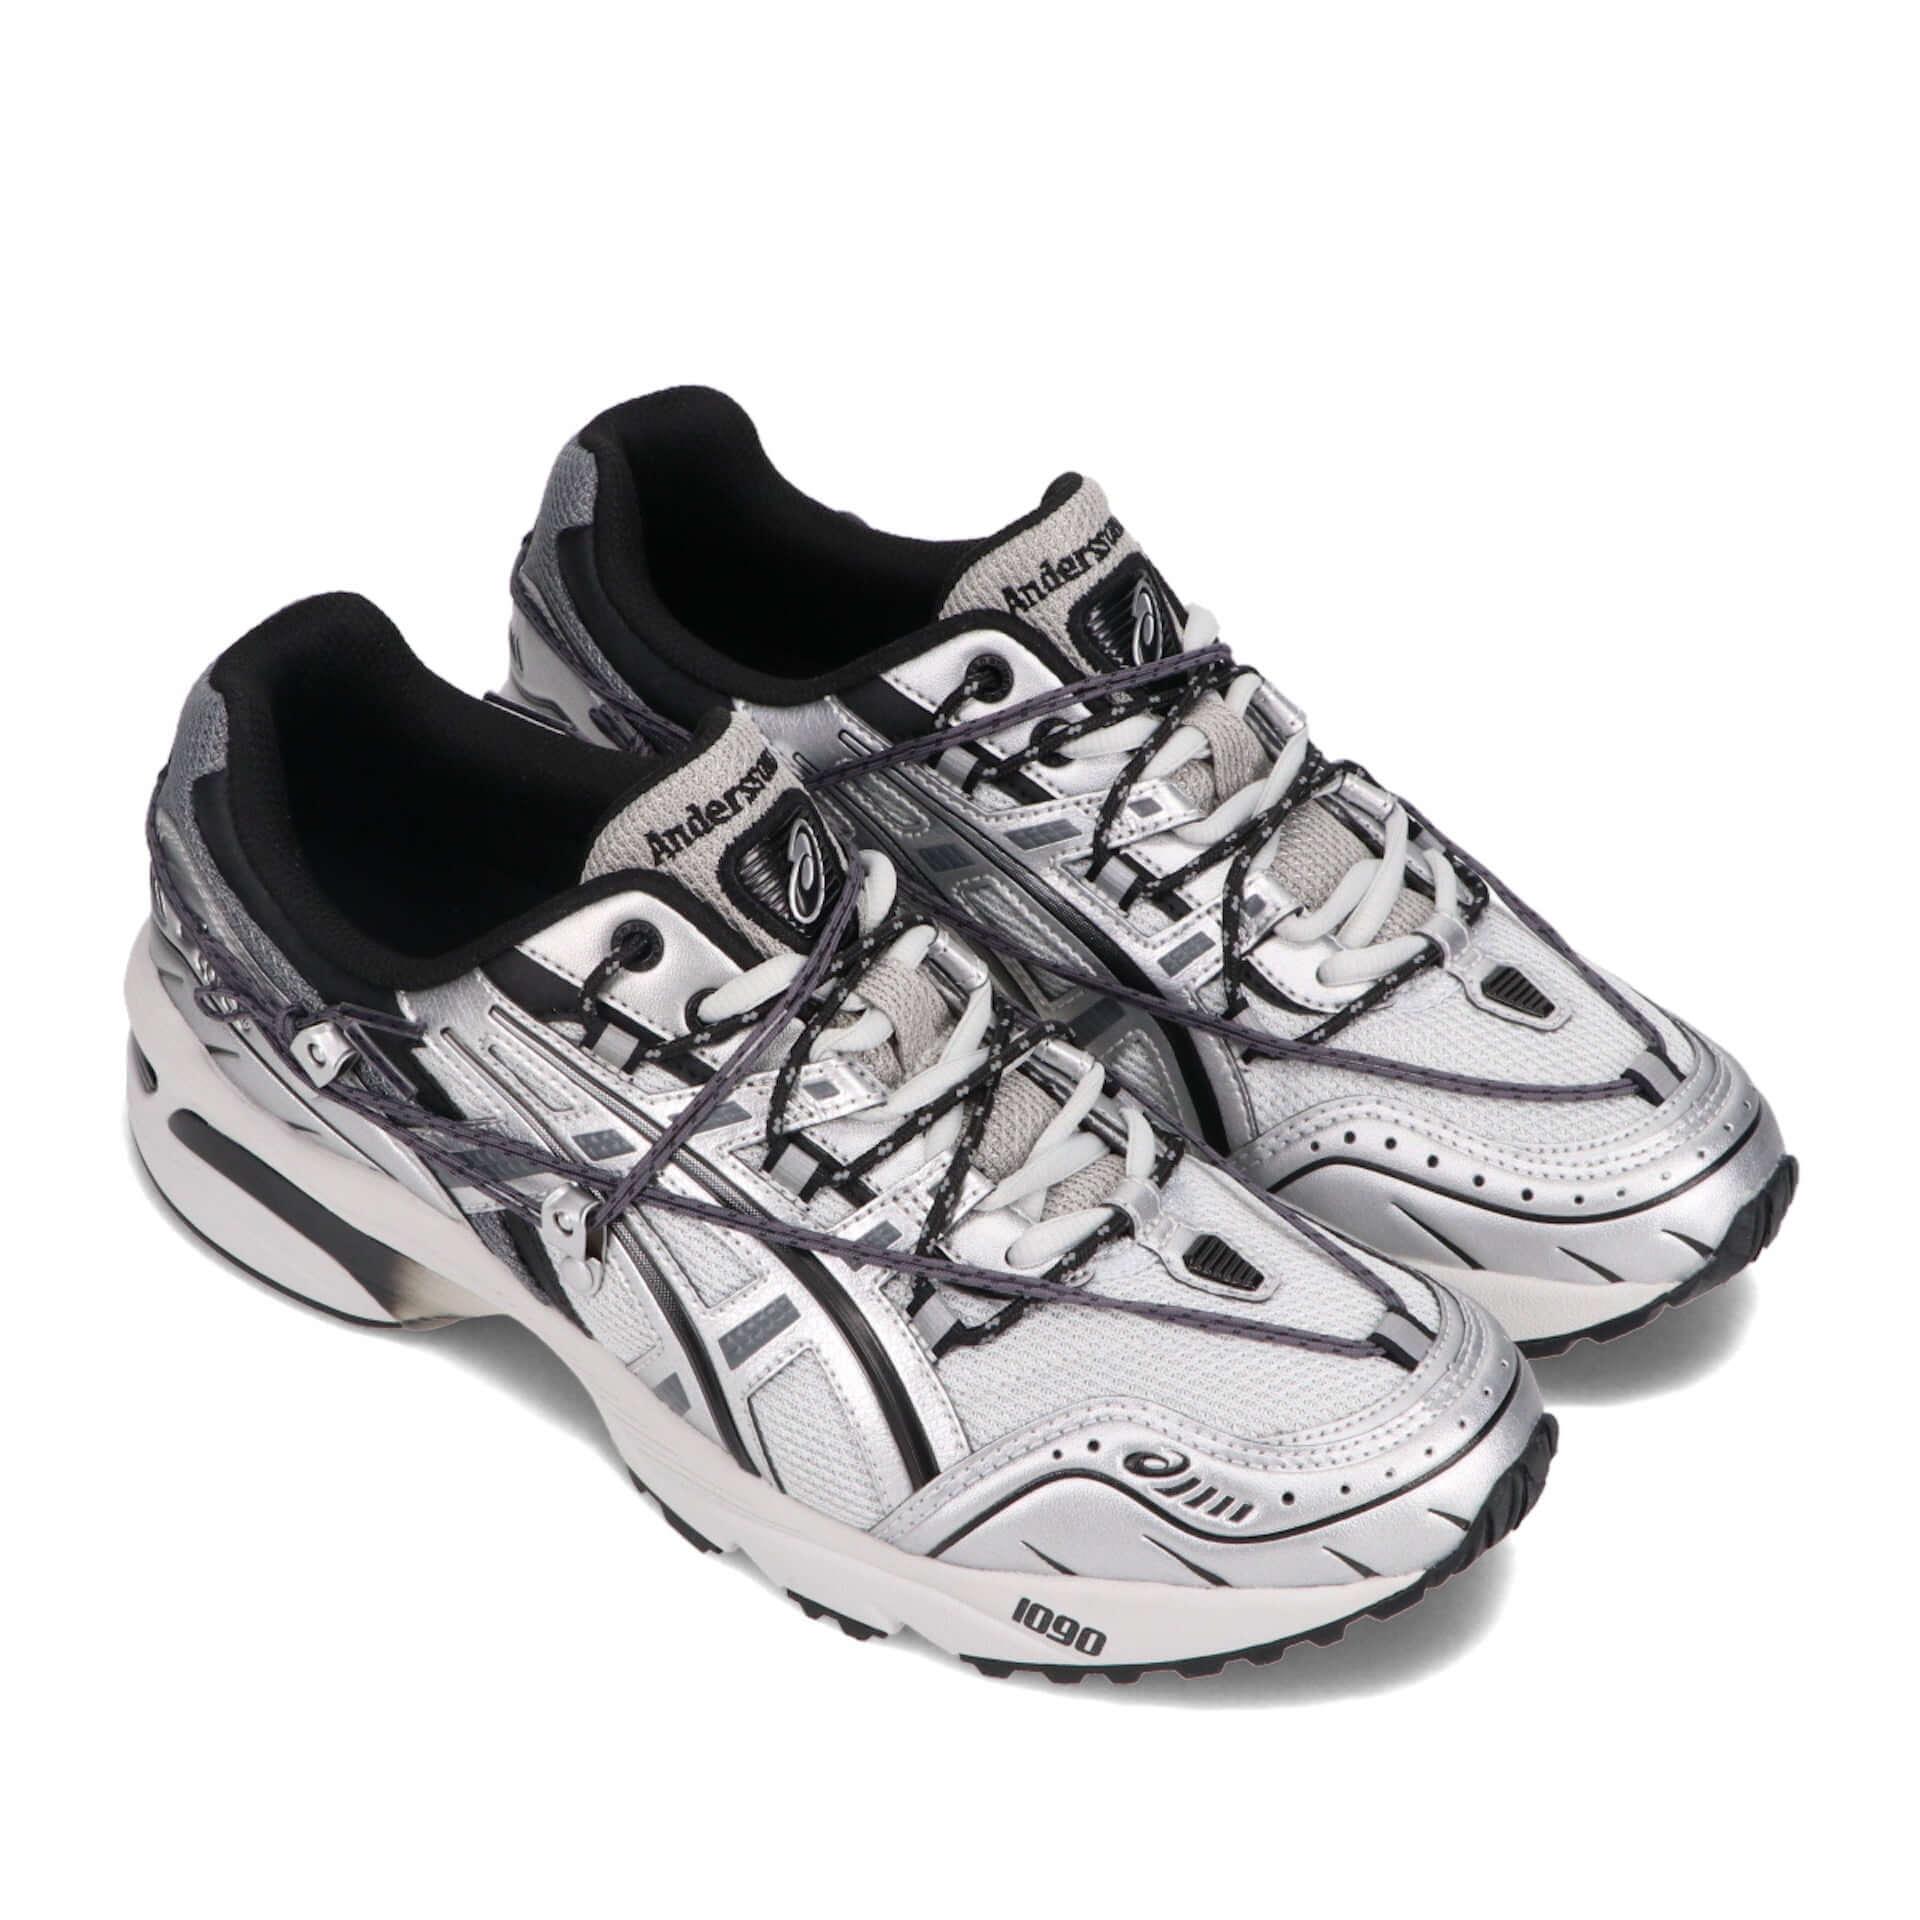 atmosにてASICS SportStyle『GEL-1090』の新色3種が発売決定!Andersson Bellの登山靴から着想を得た装飾に注目 lf210324_atmos_4-1920x1920